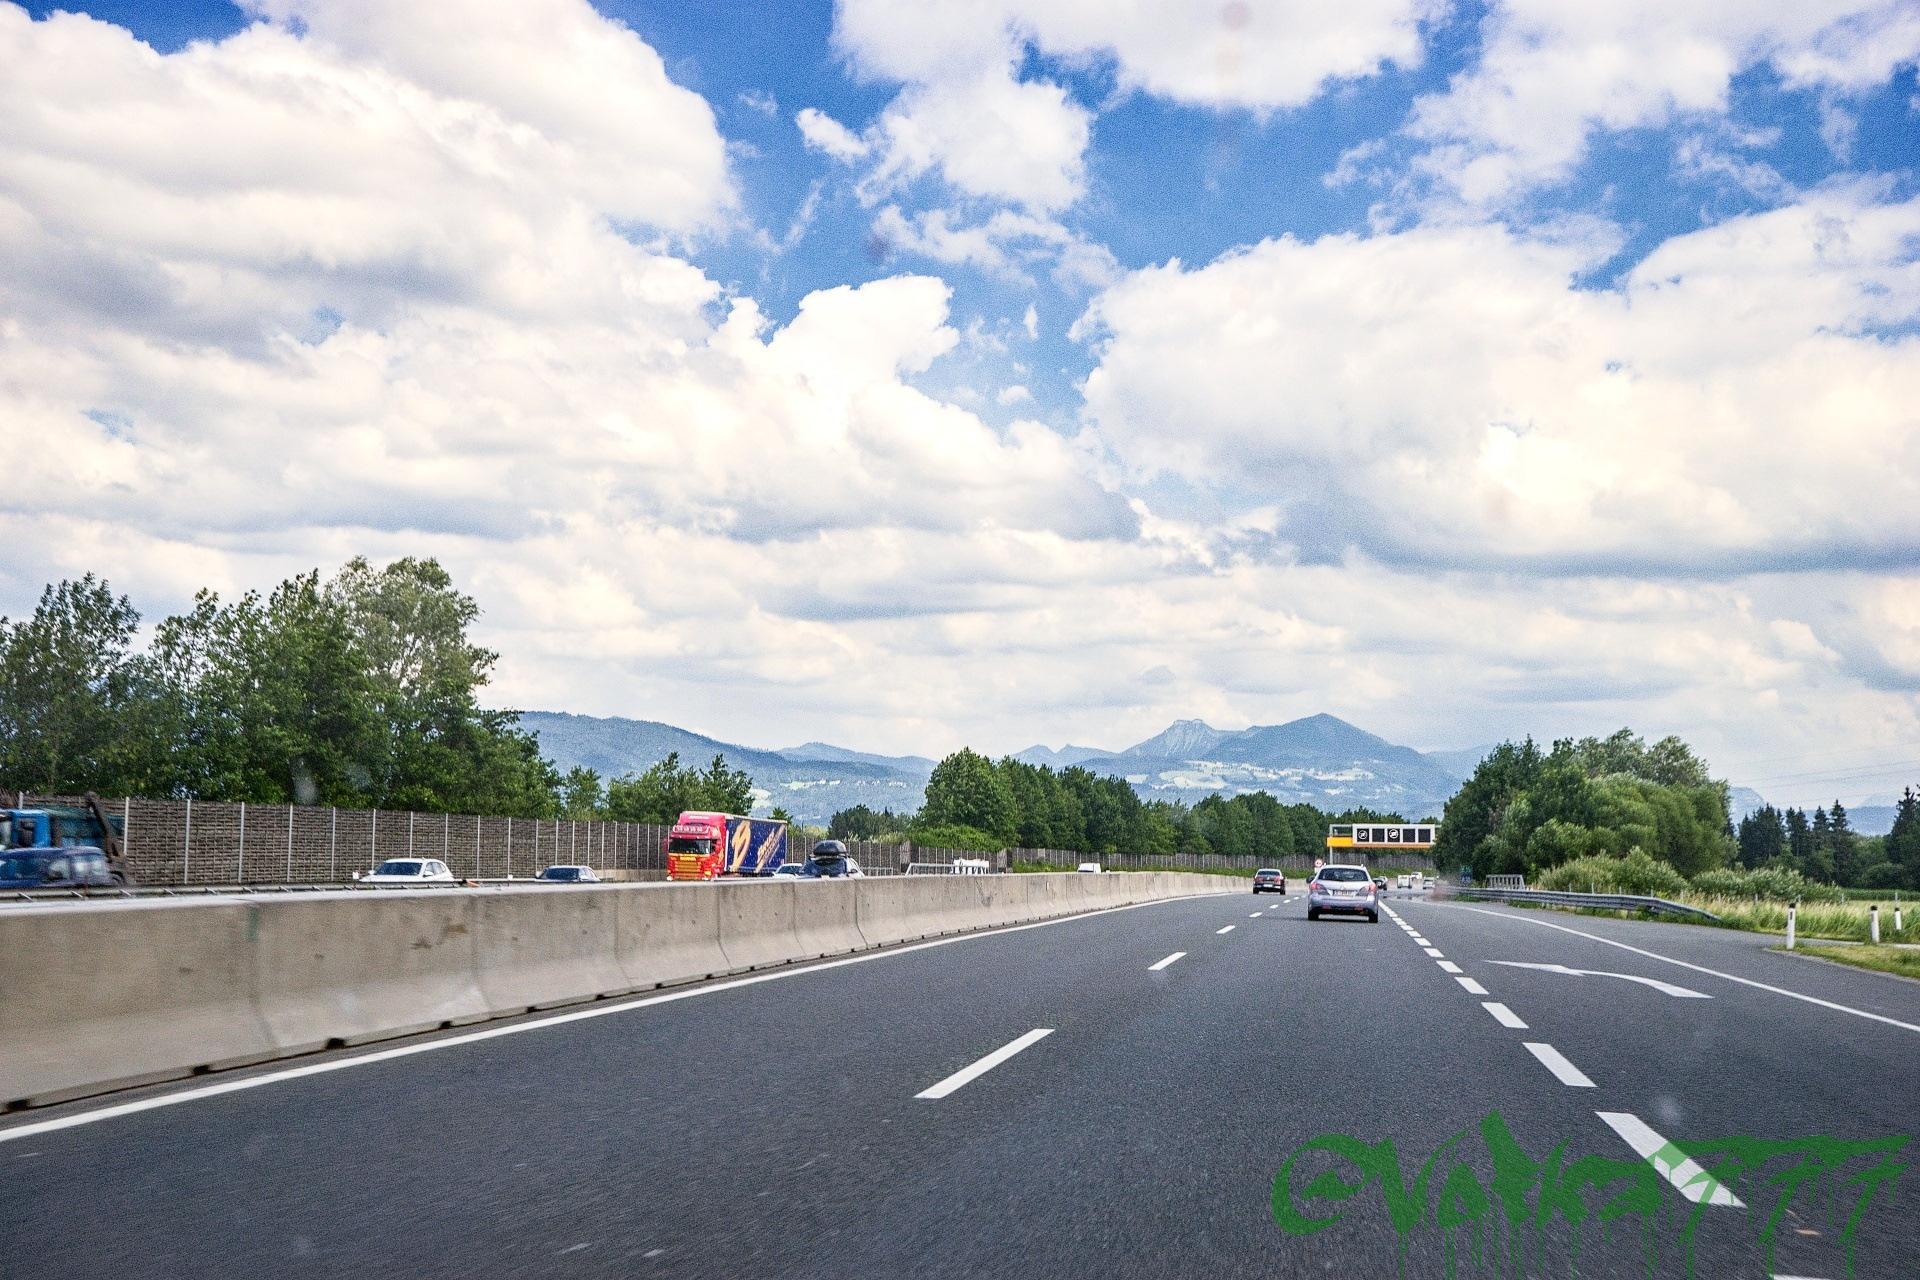 Развитая дорожная сеть Австрии в отличном состоянии